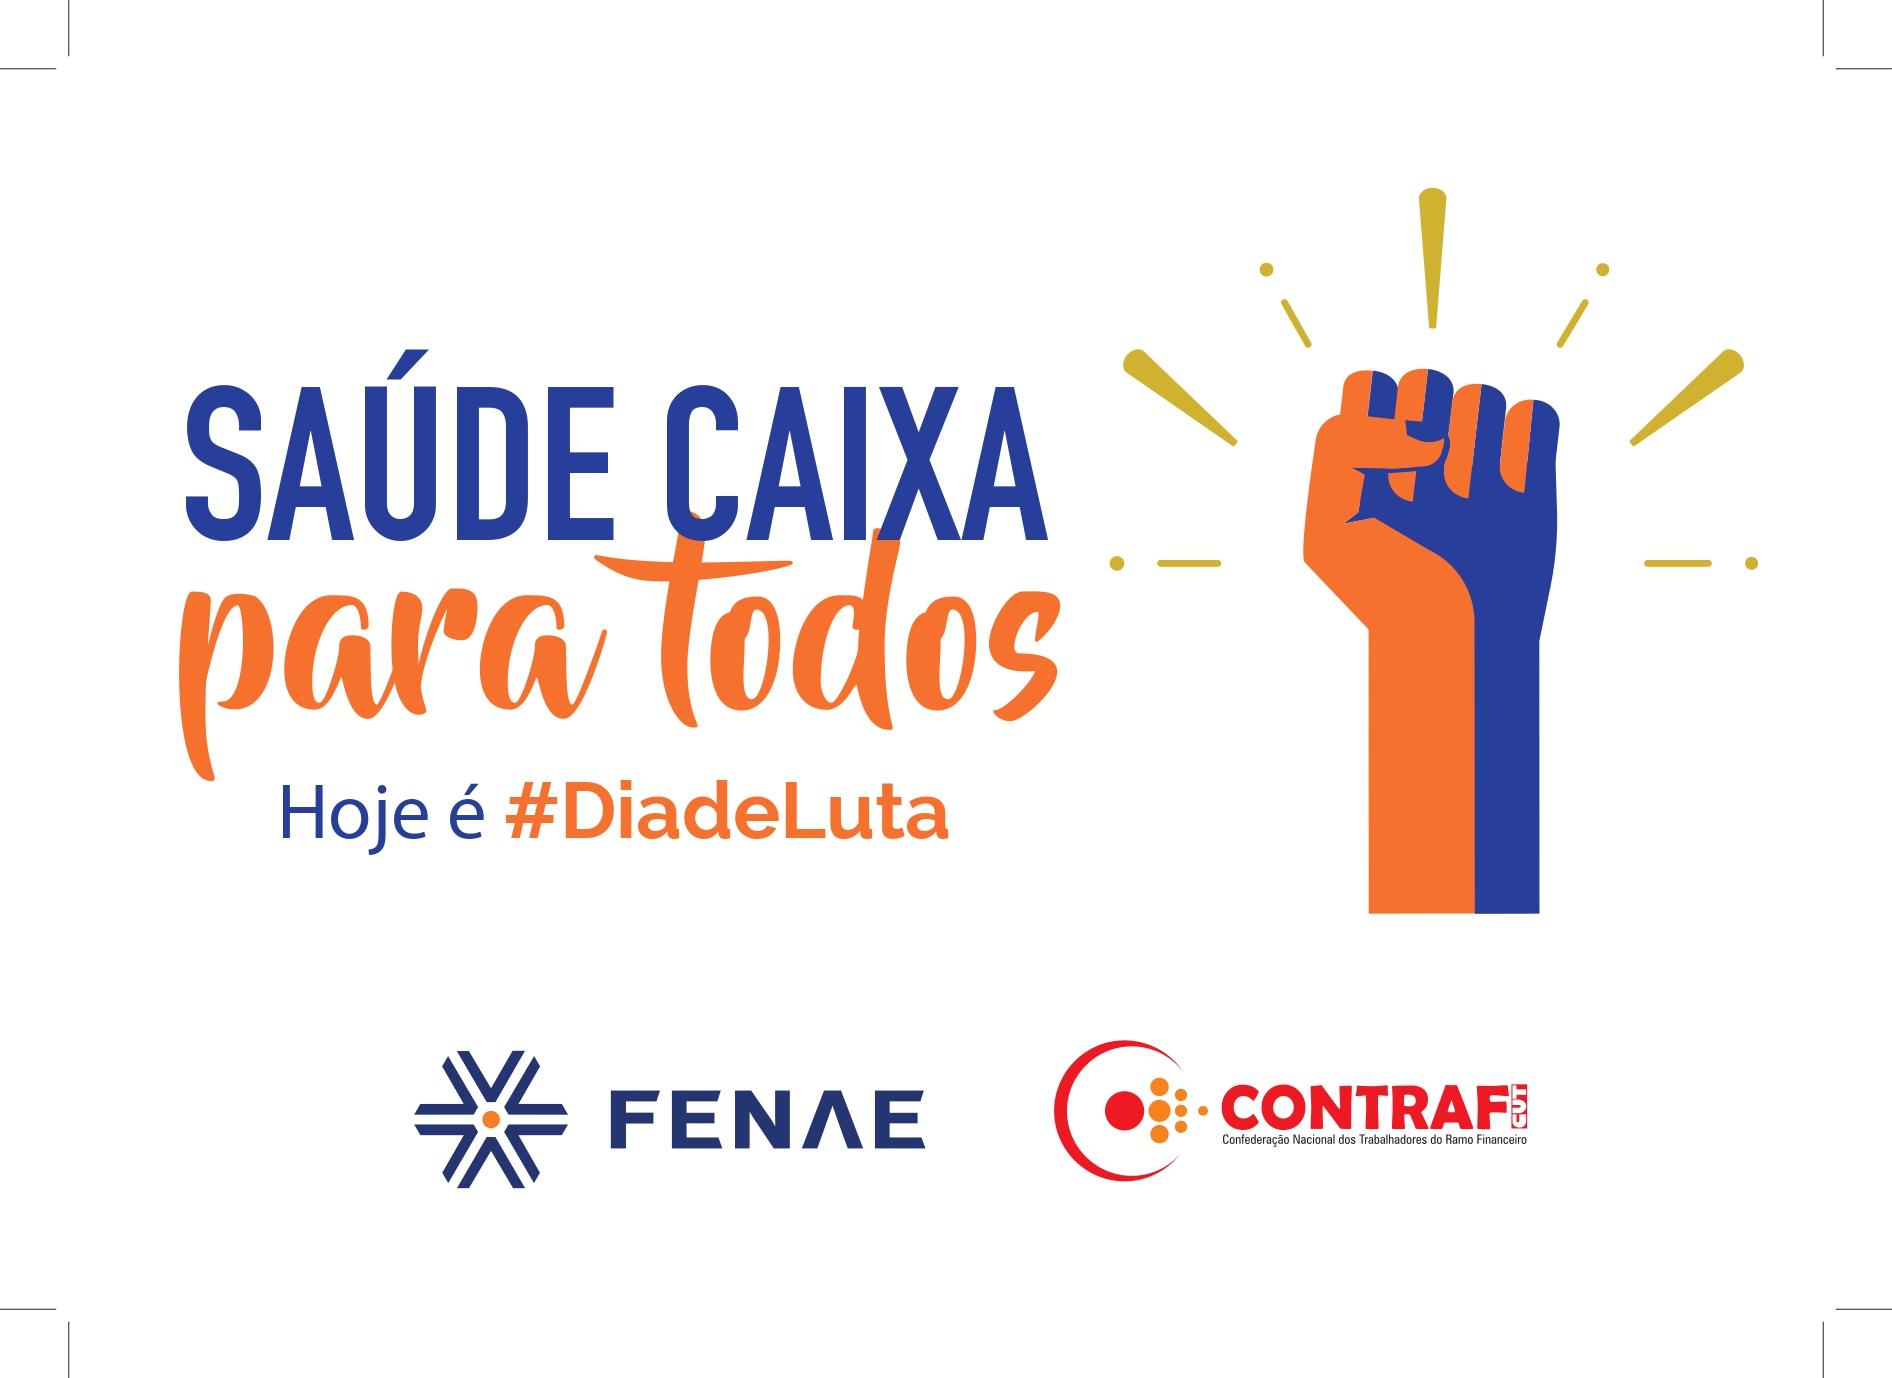 Empregados realizam #diadeluta em Defesa do Saúde Caixa nesta quarta (10)